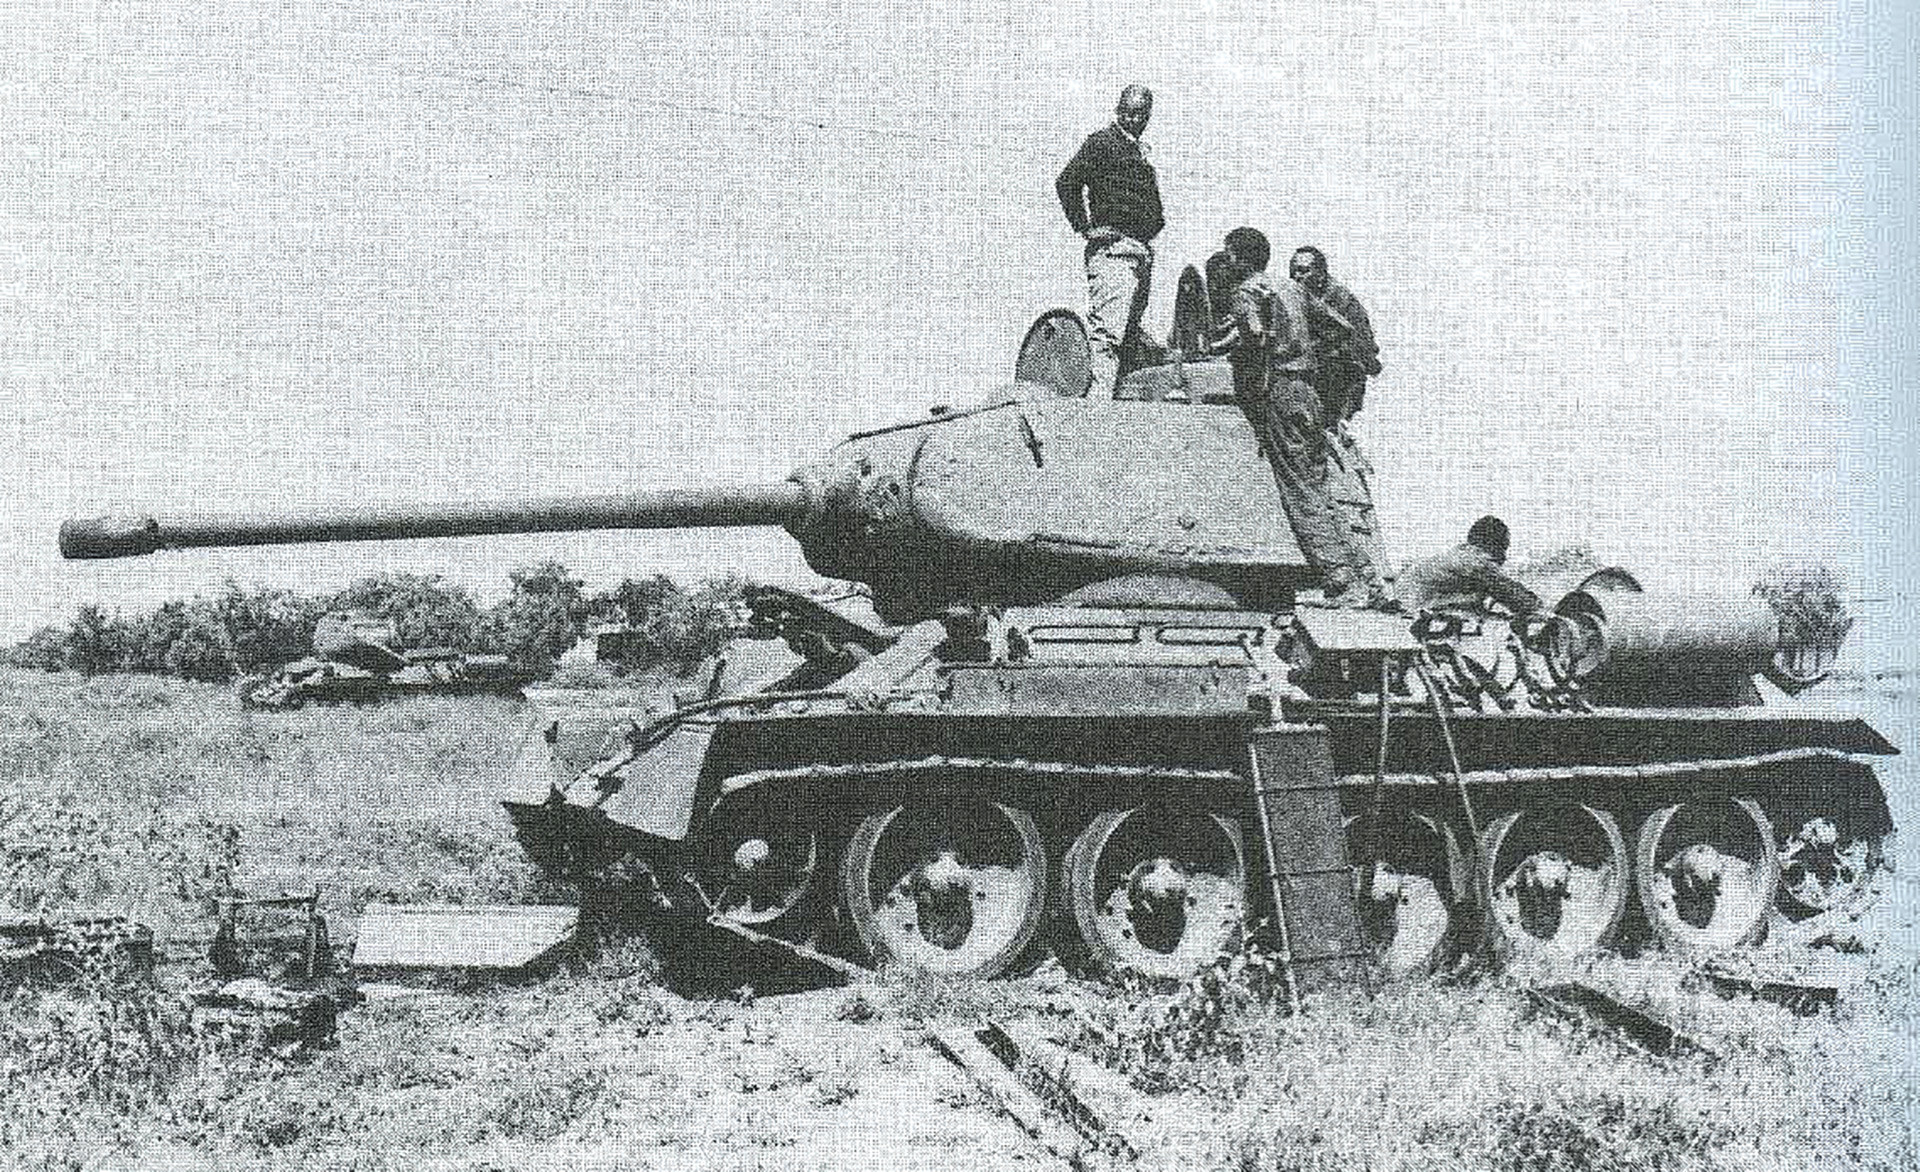 Tentara Nasional Somalia sedang memperbaiki tank T-34 yang sedang rusak berat.